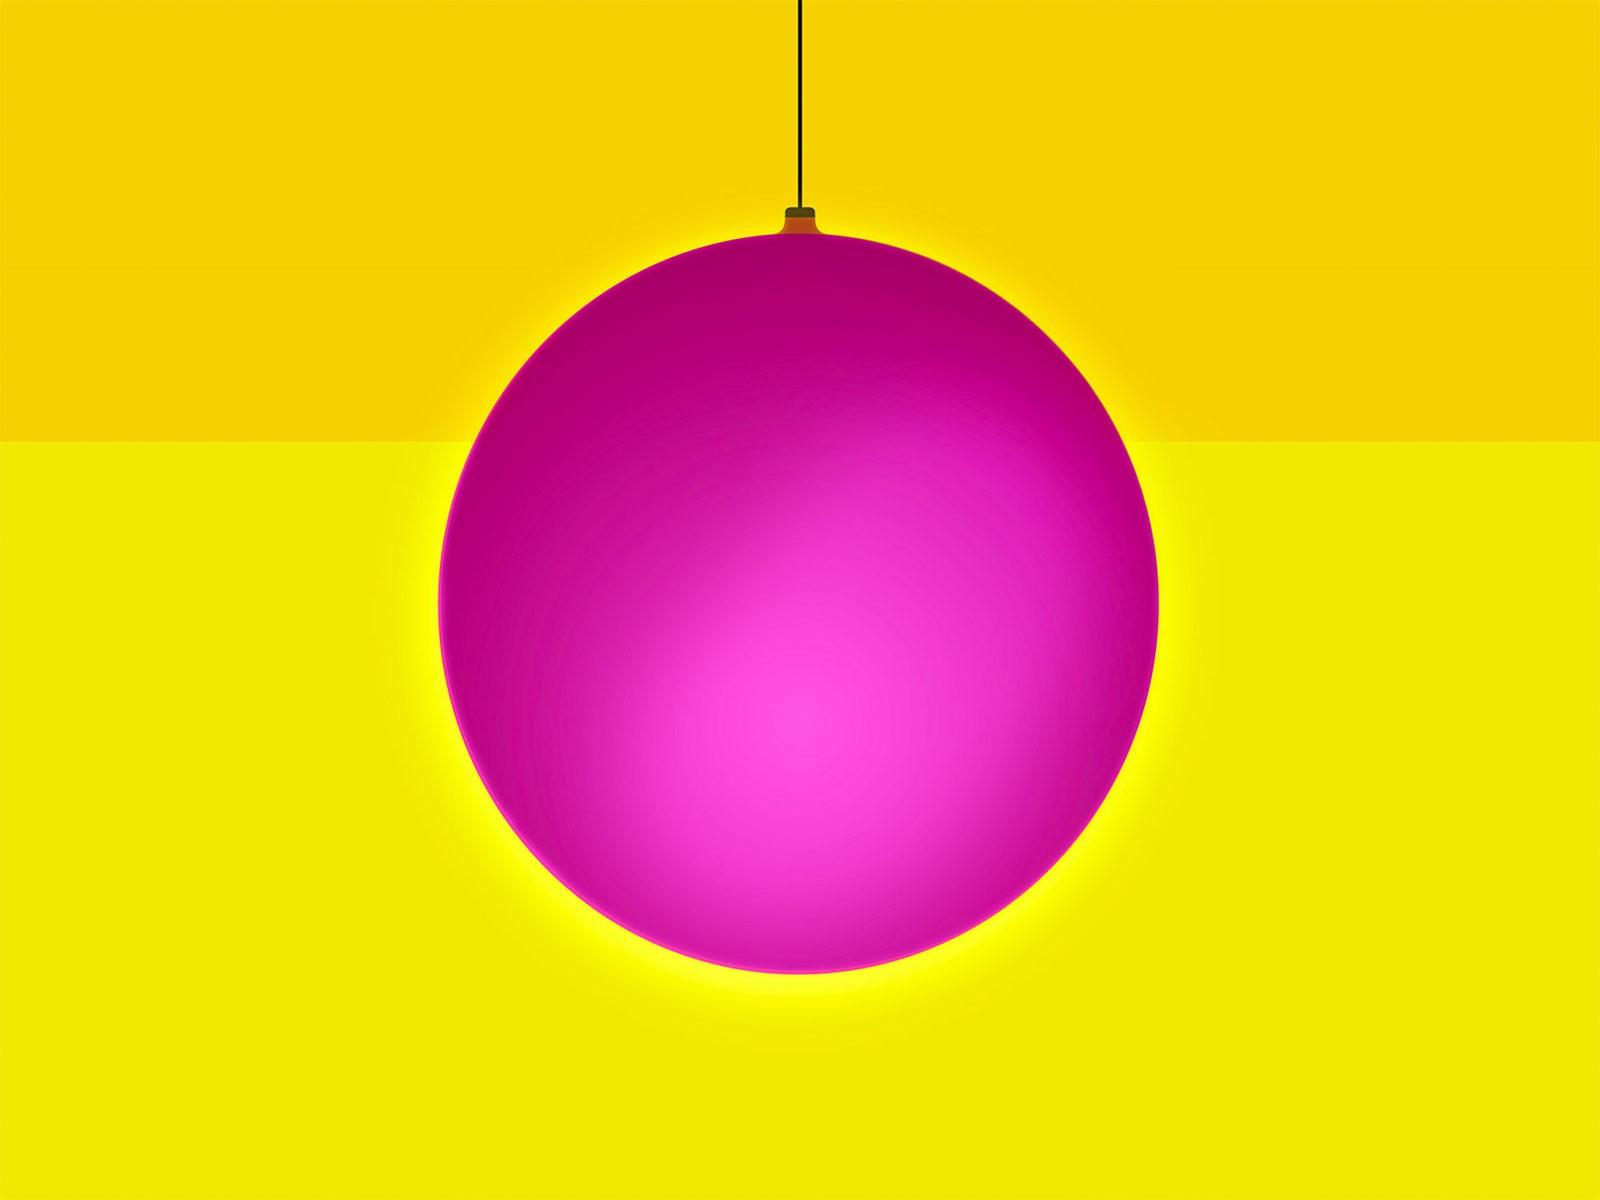 Anwendung: aussen und innen Farbgebung: Sämtliche Farben im RGB-Spektrum Füllung: Luft Betrieb elektrisch: unabhängig via Akku oder über eine 230V-Steckdose Ballon-Durchmesser: 1.5 Meter